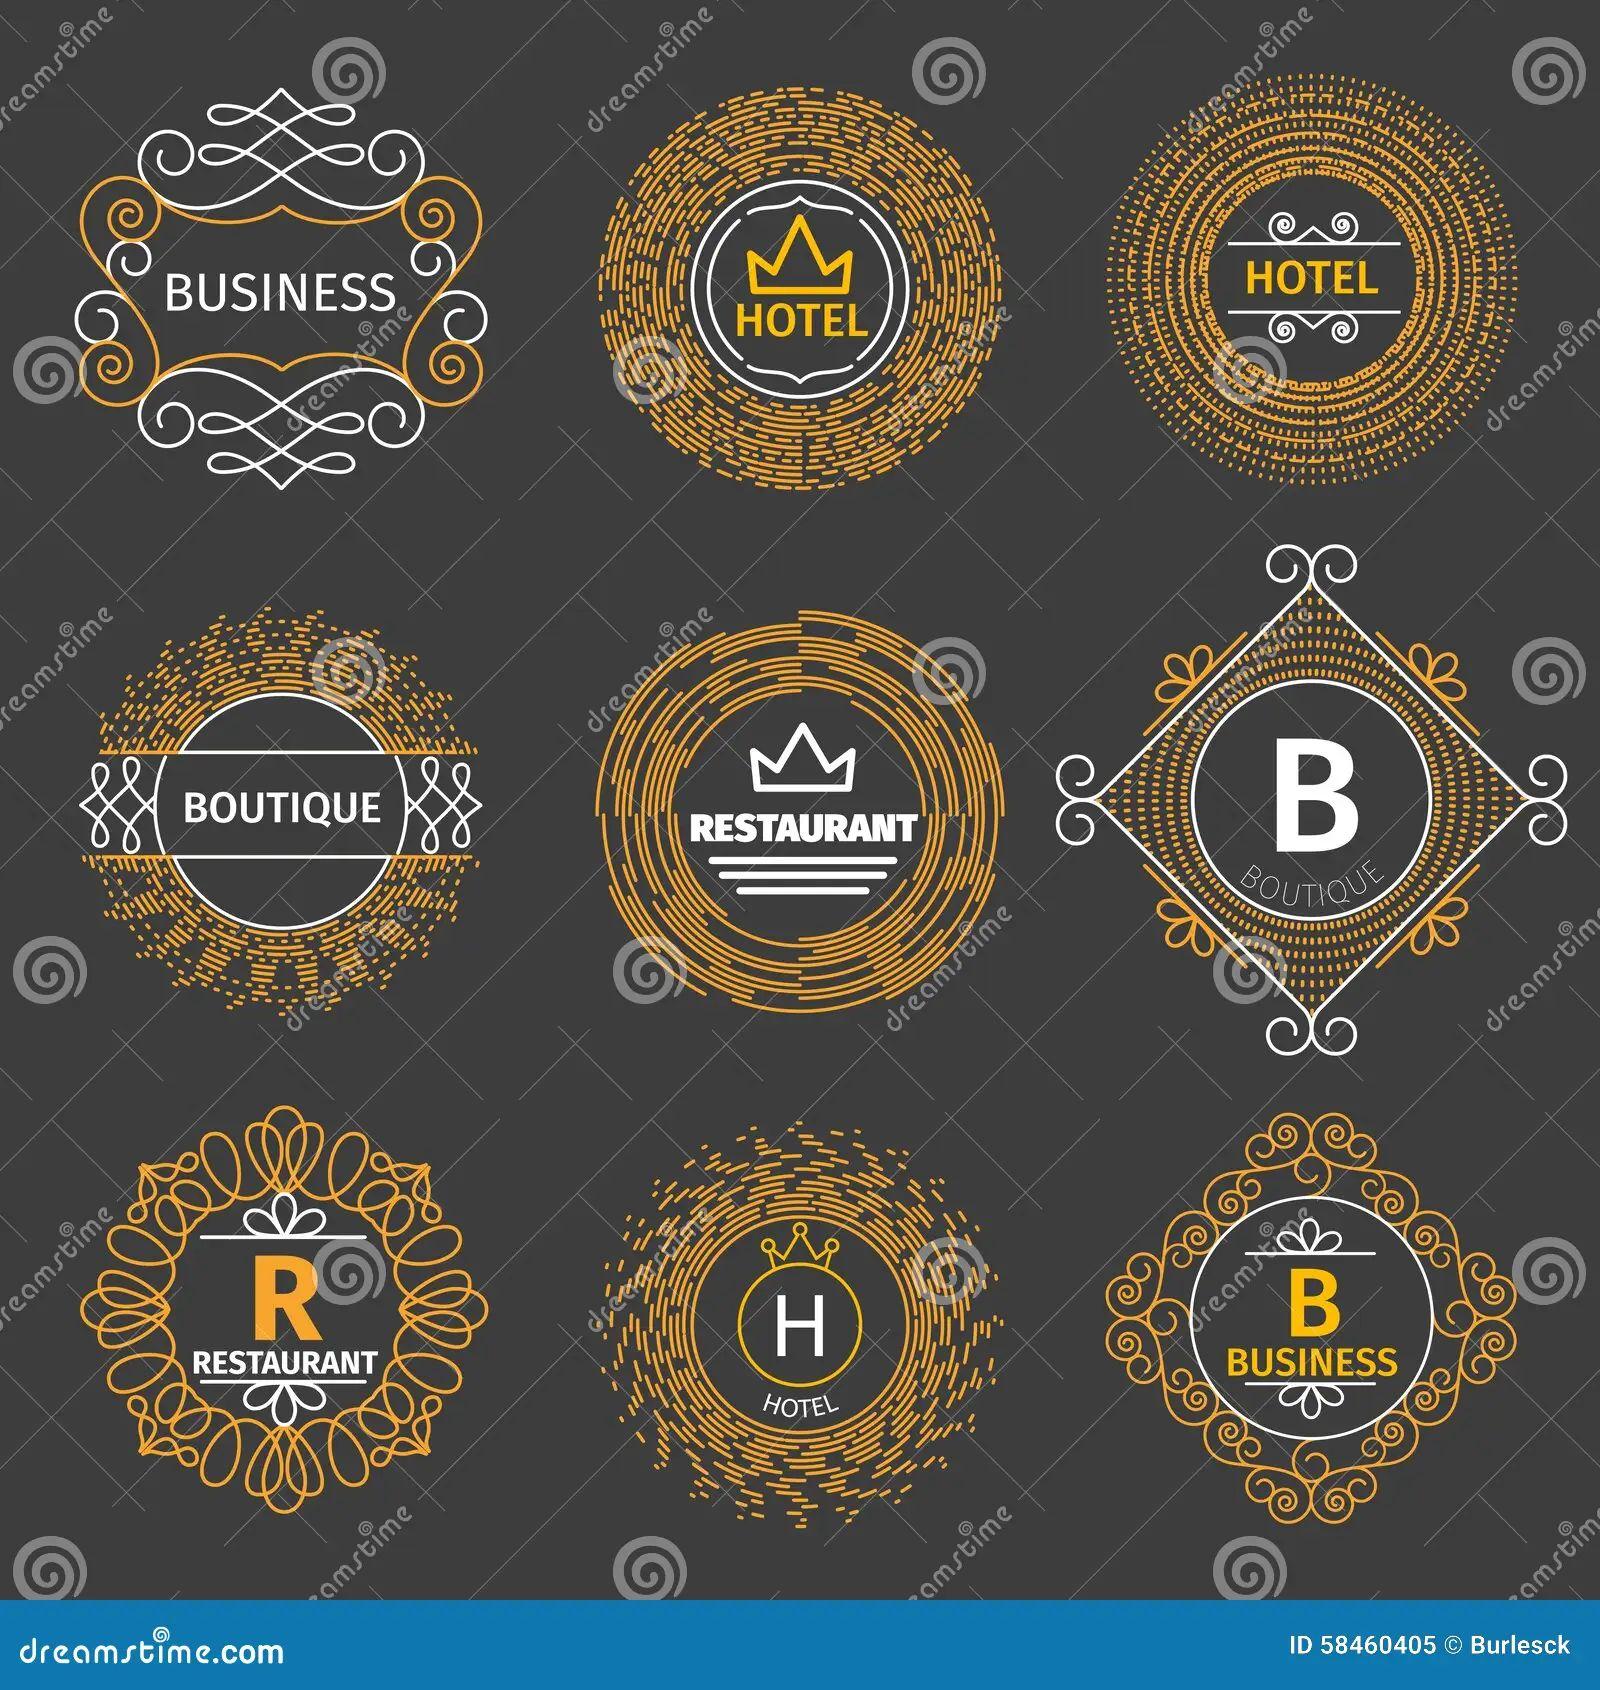 boutique monogram